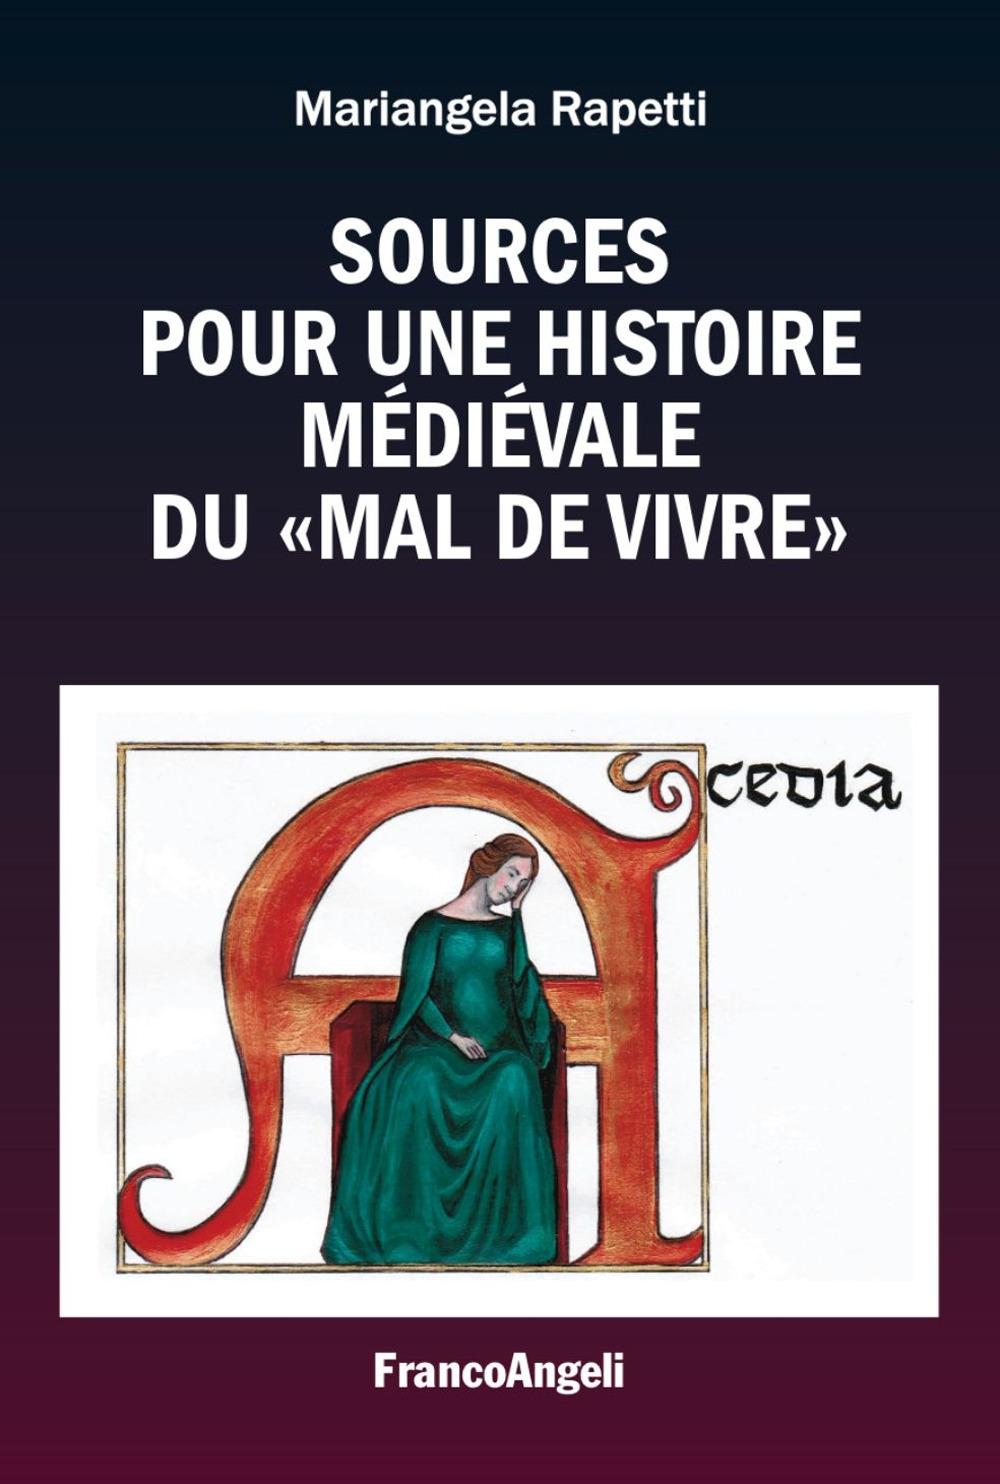 Sources pour une histoire médiévale du